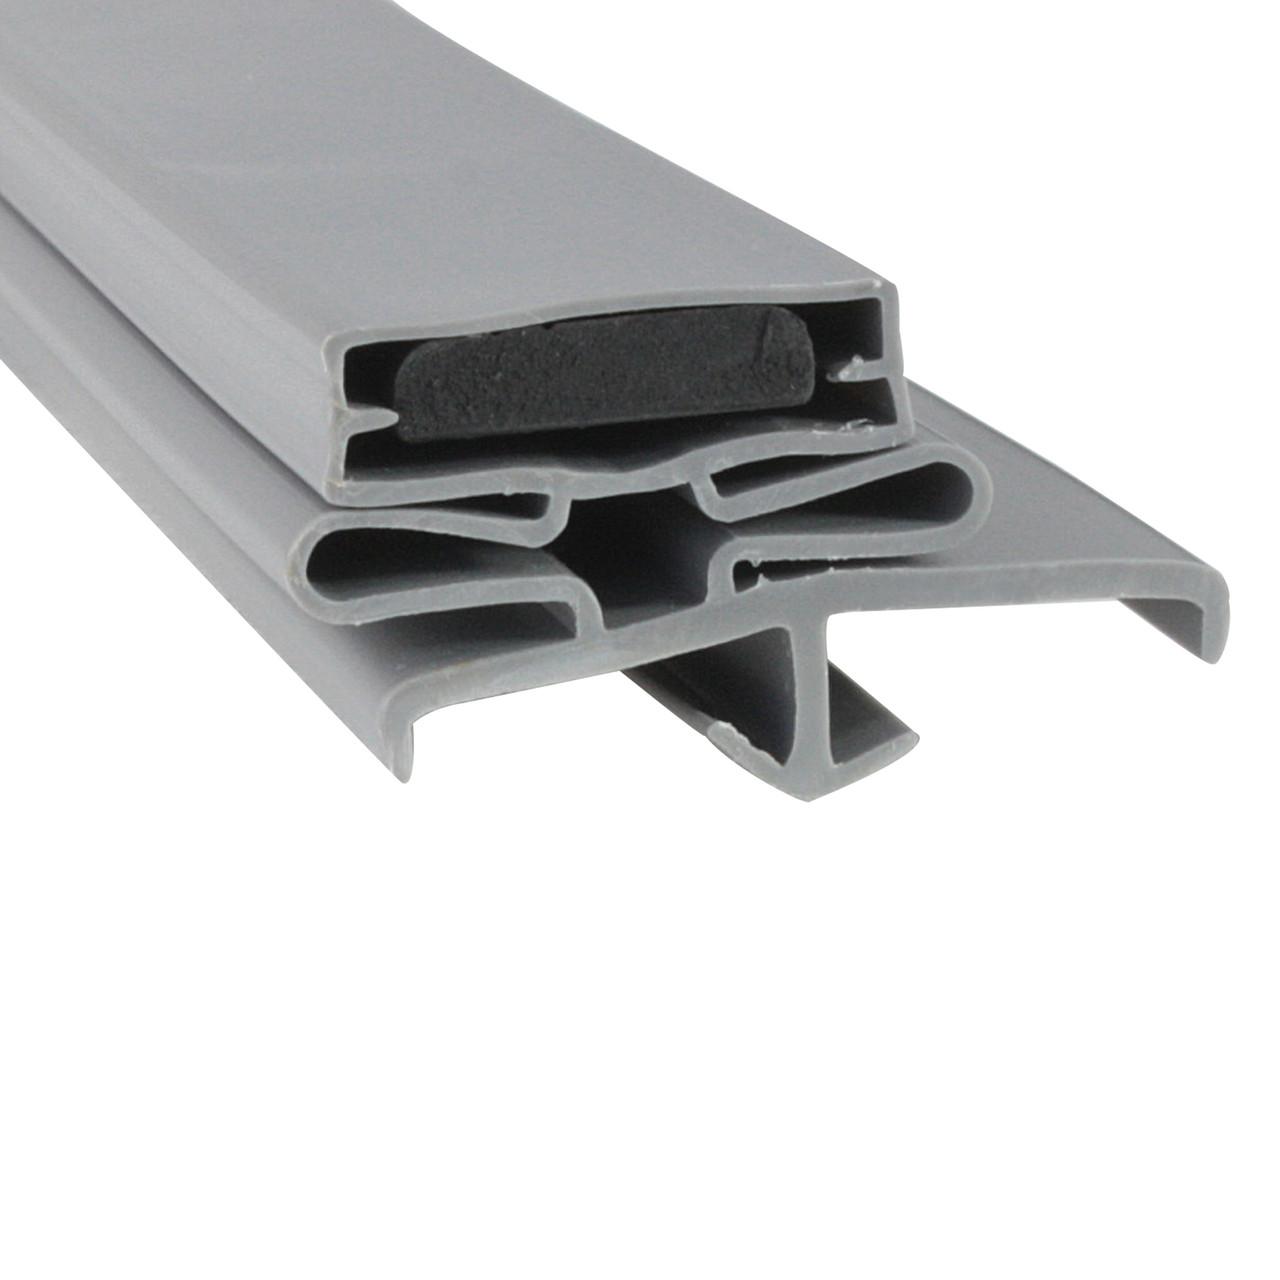 Kairak Door Gasket Profile 168 11 3/8 x 24 1/2 -1